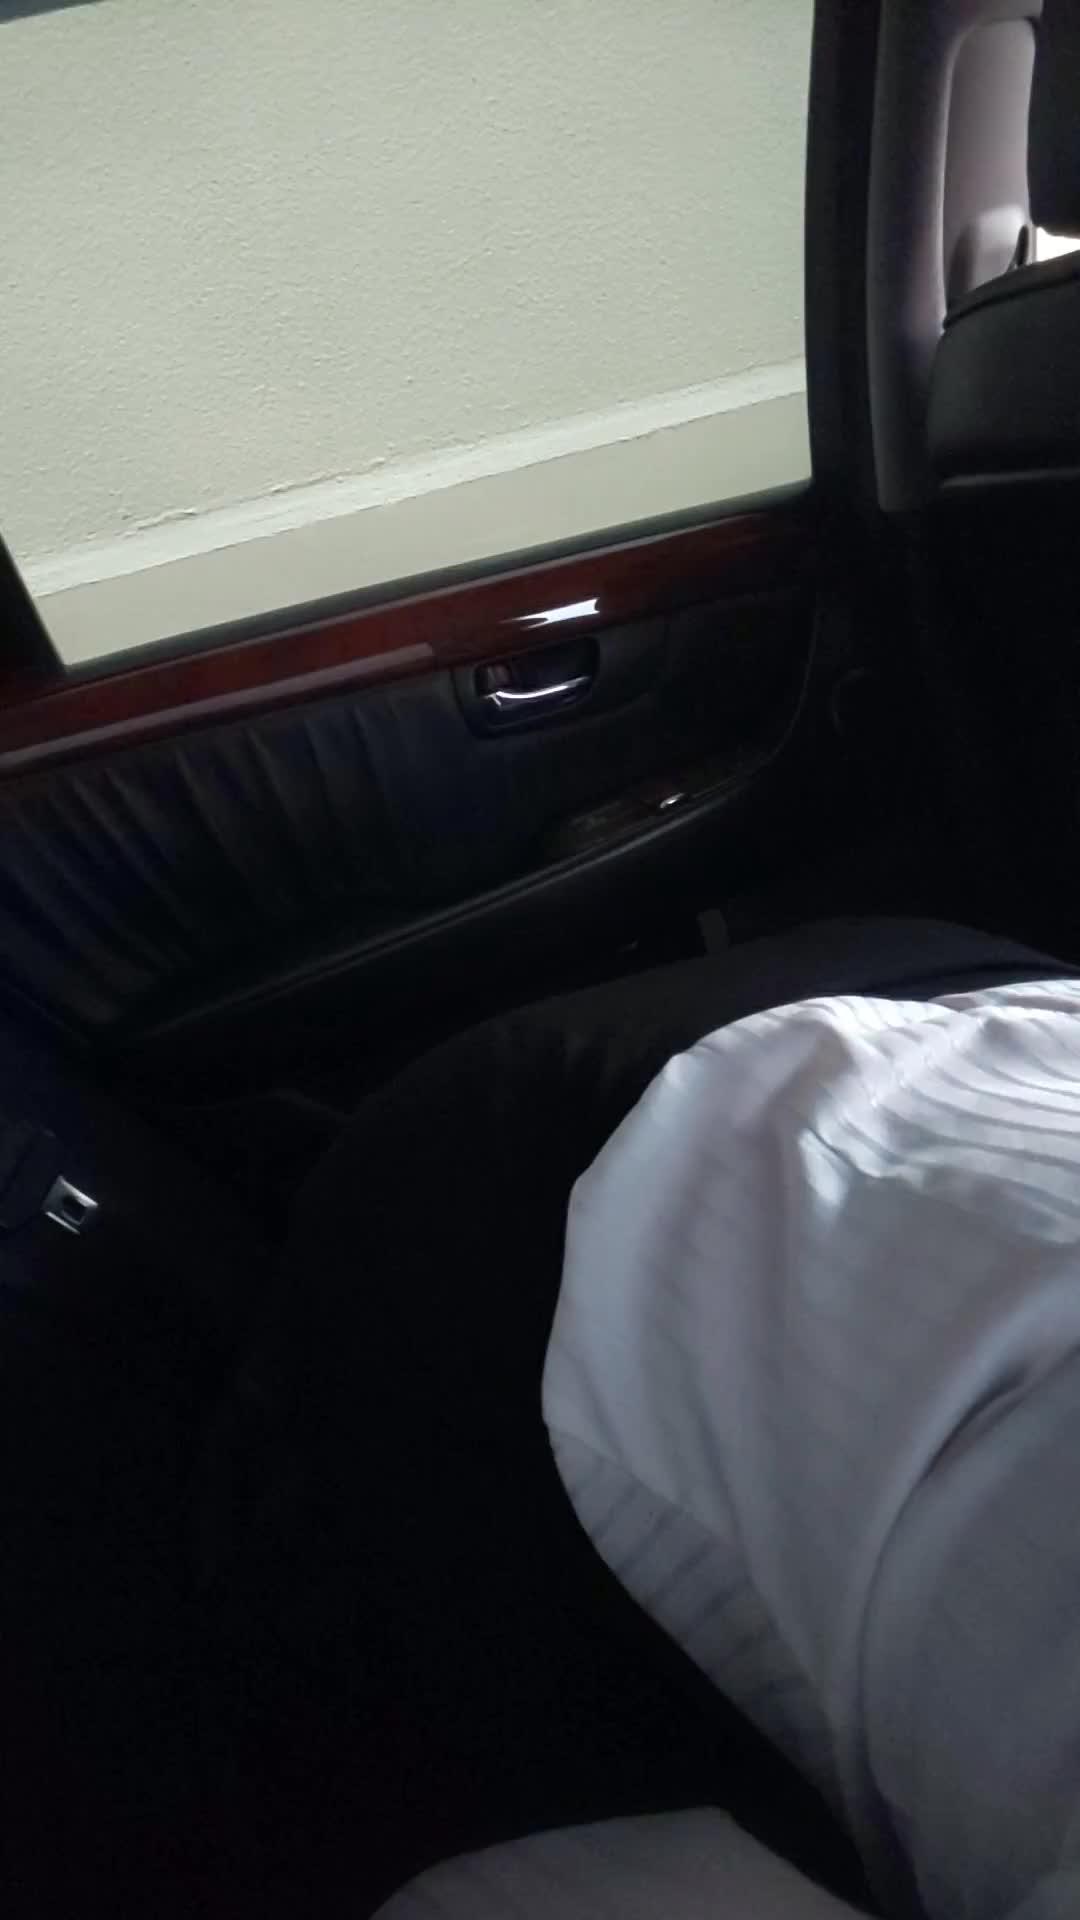 フェラ 動画 車内